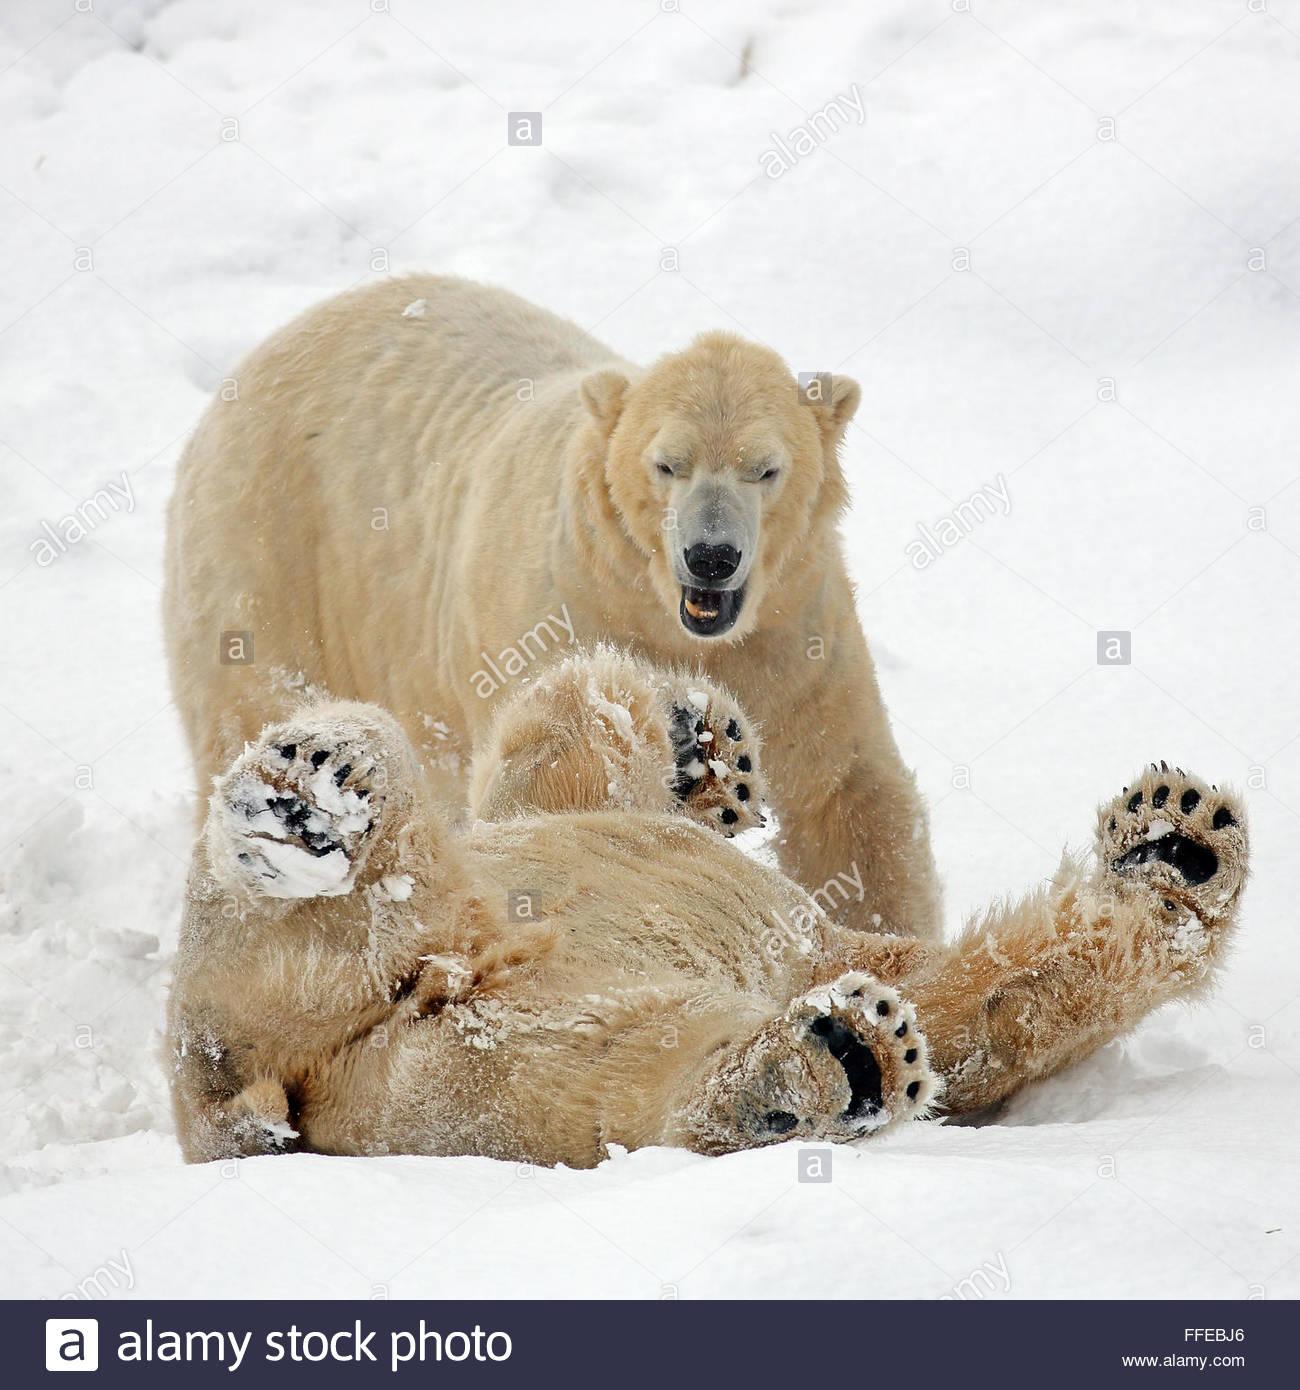 Dos osos polares luchando sobre el terreno cubierto de nieve Imagen De Stock